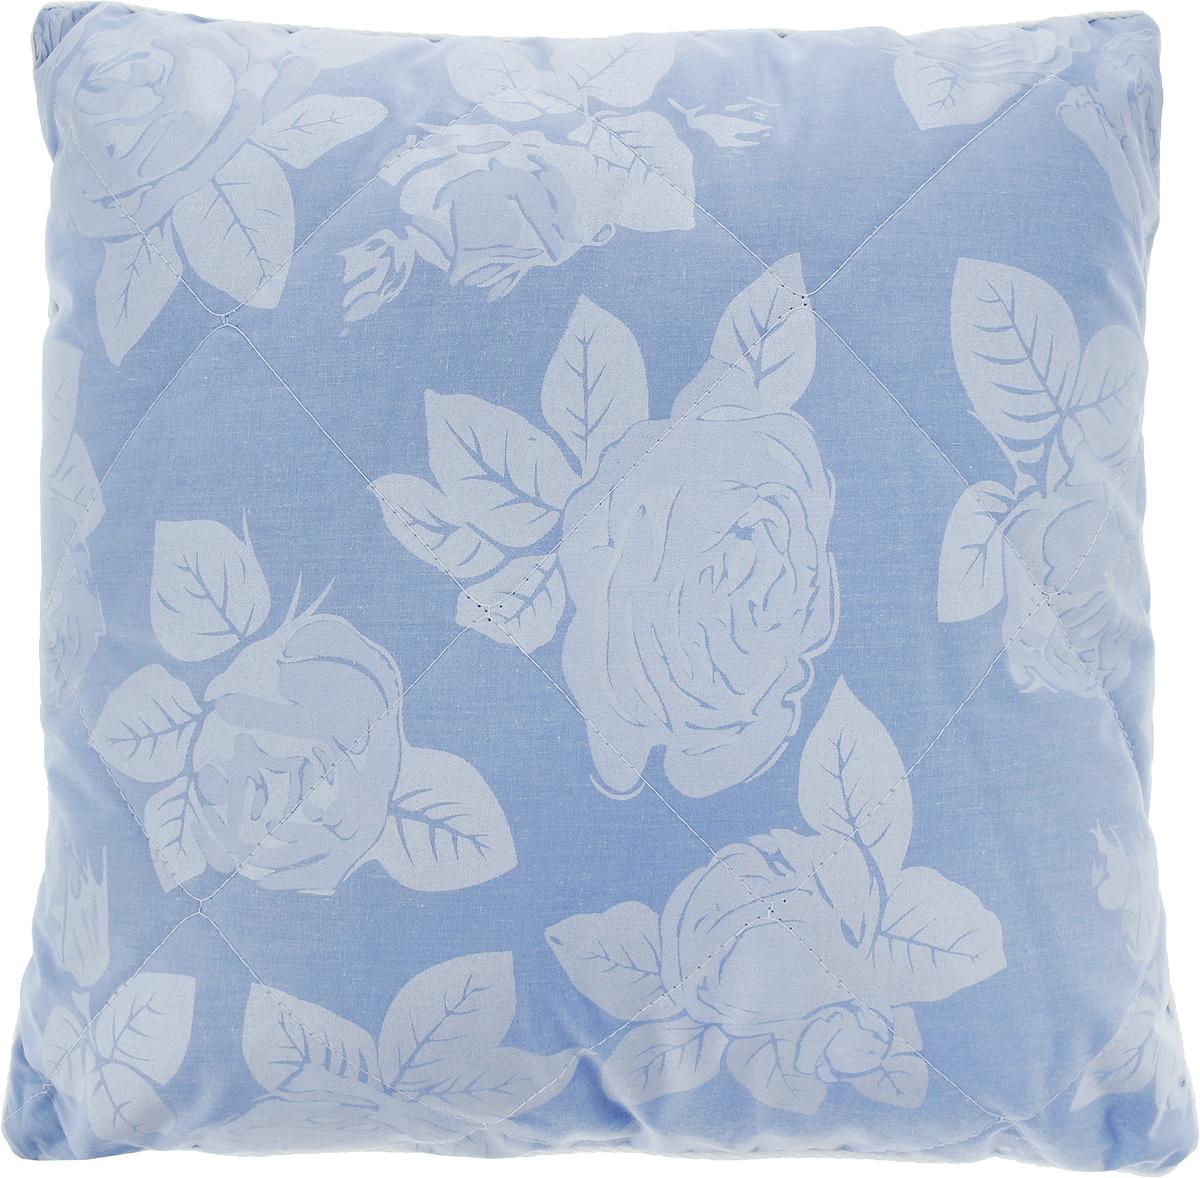 Подушка Bio-Teхtiles Сила природы, наполнитель: лузга гречихи, цвет: голубой, 40 х 40 смSPC521